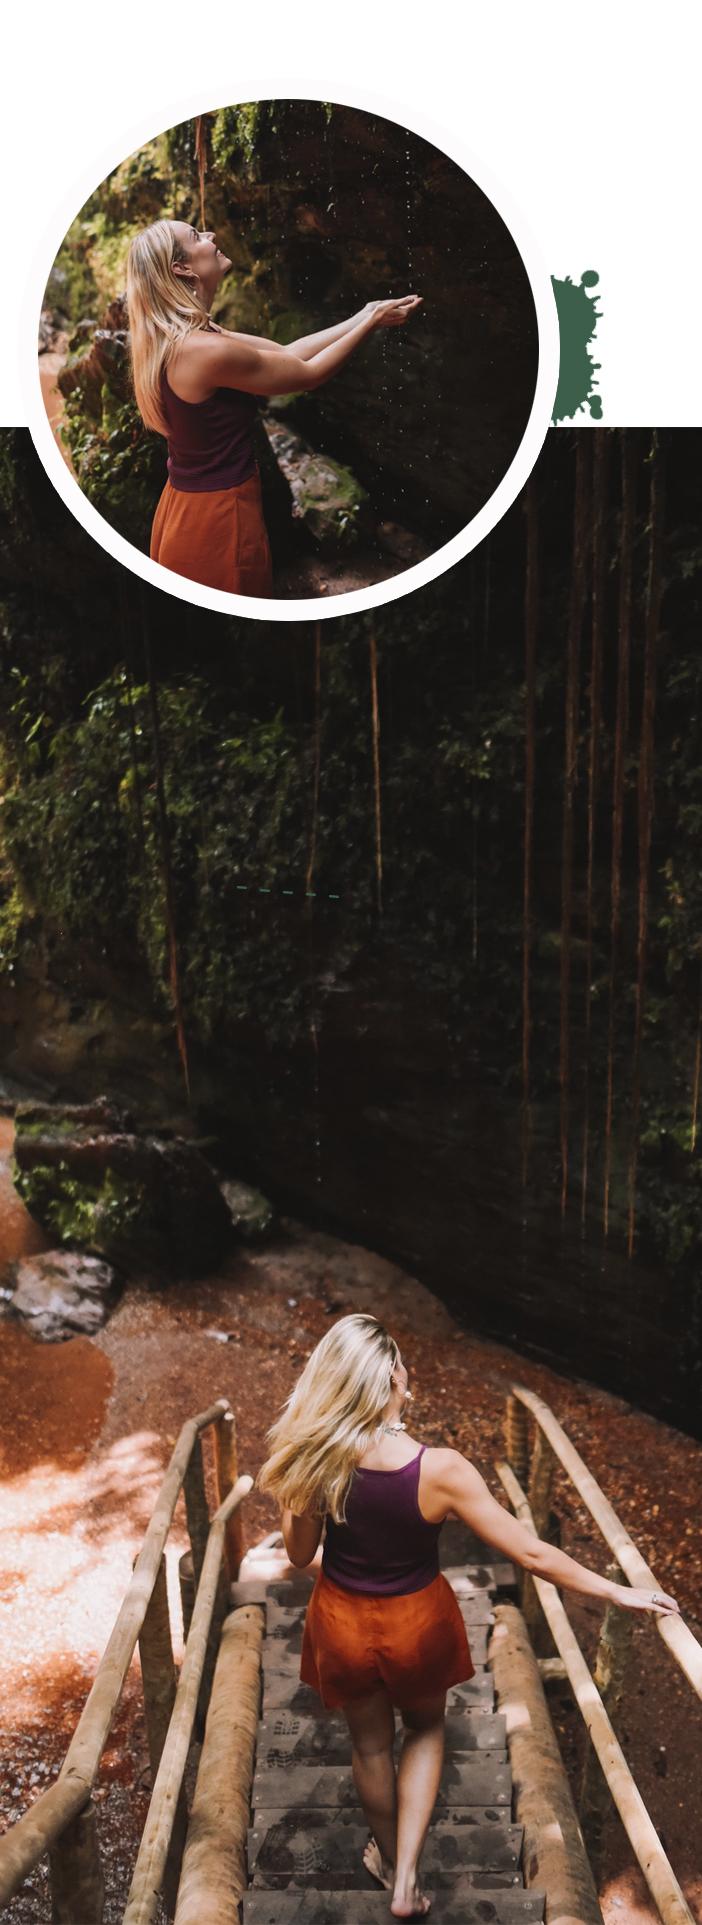 Diário de Bordo - Layla no Jalapão - Cânion Sussuapara